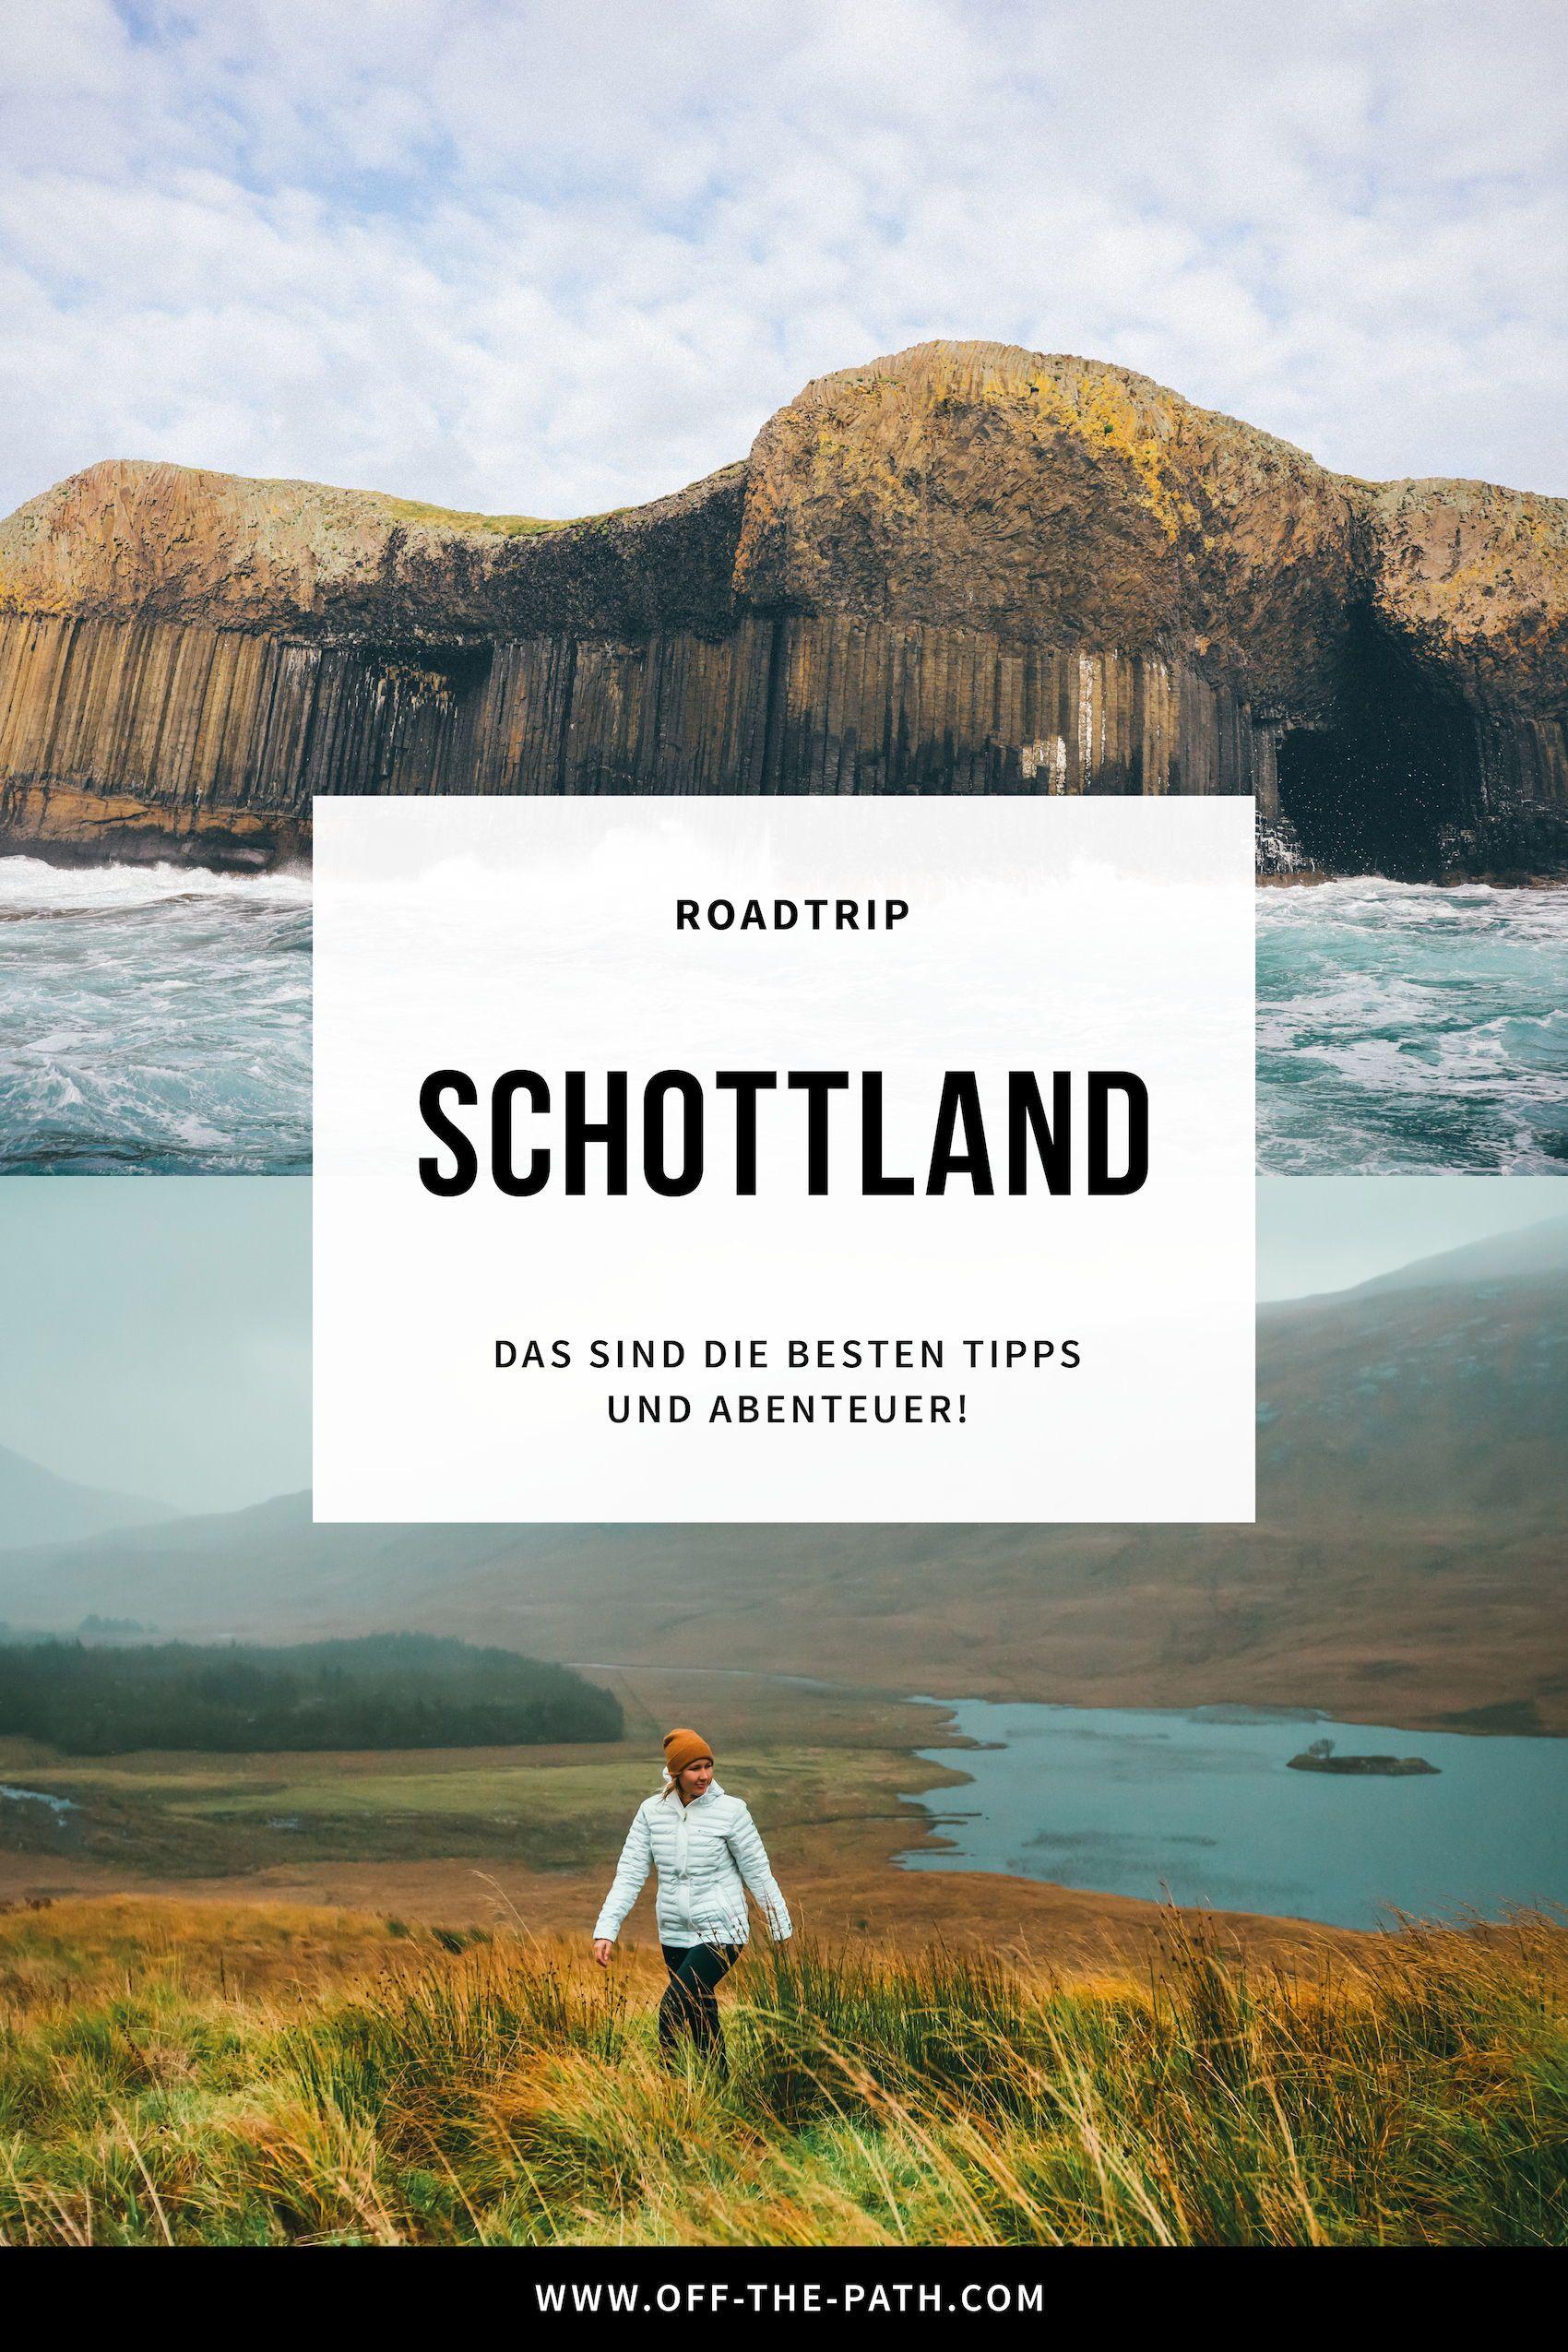 Drei geniale Routenvorschläge für dein nächstes Schottland-Abenteuer!